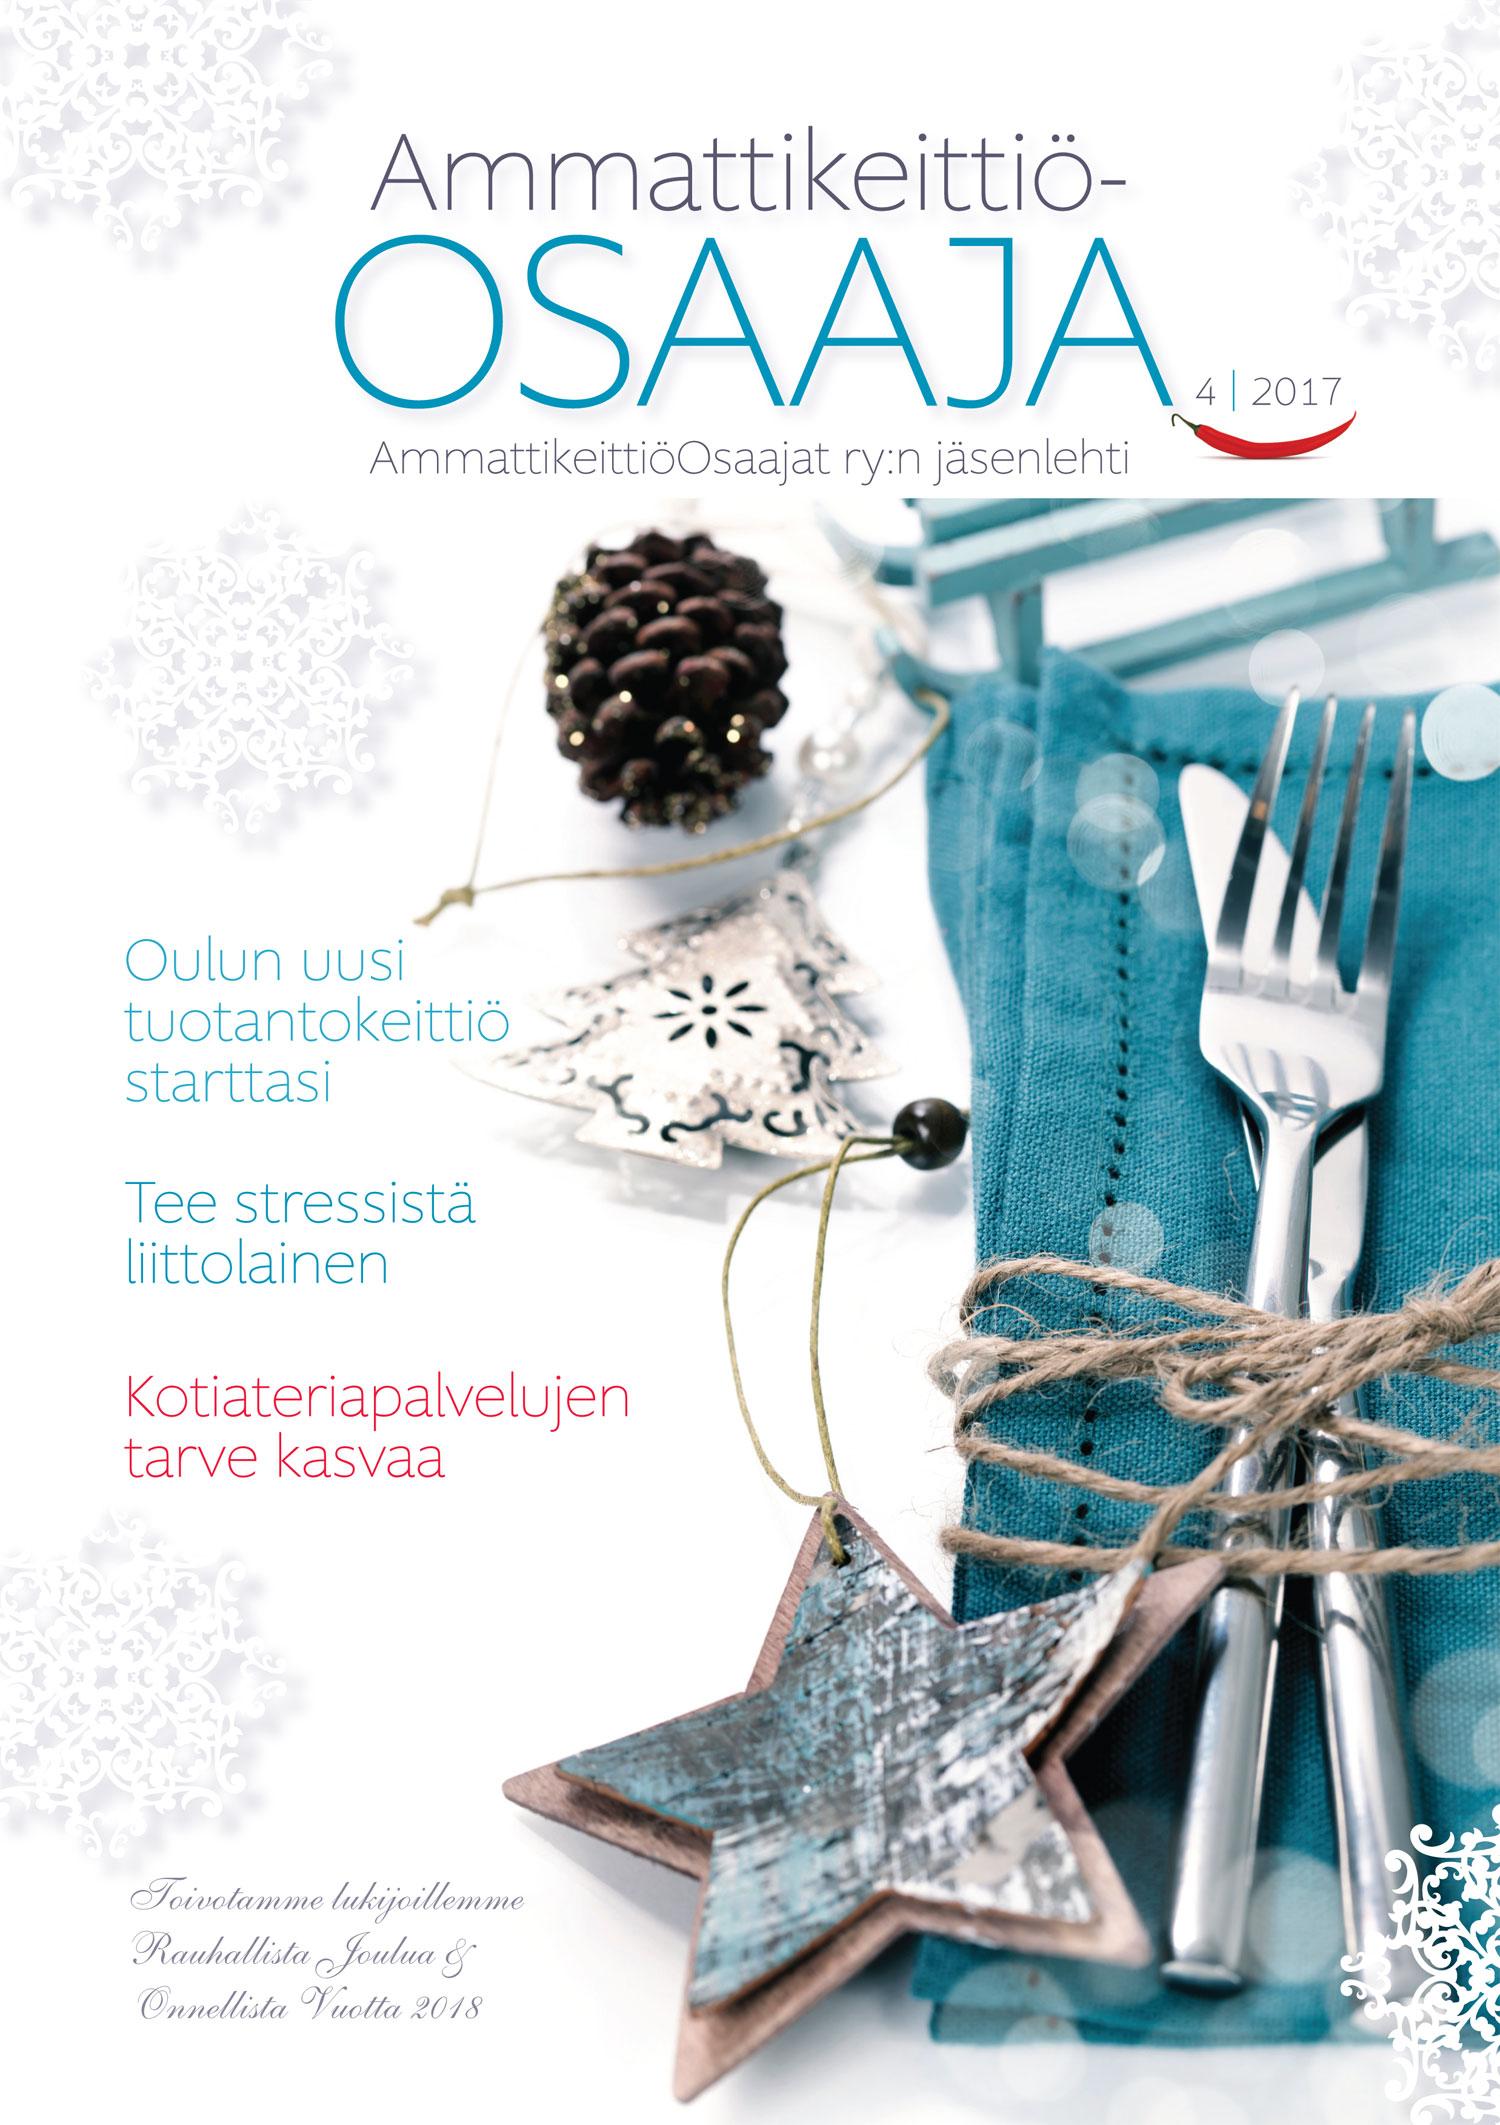 AmmattikeittiöOsaaja-lehti